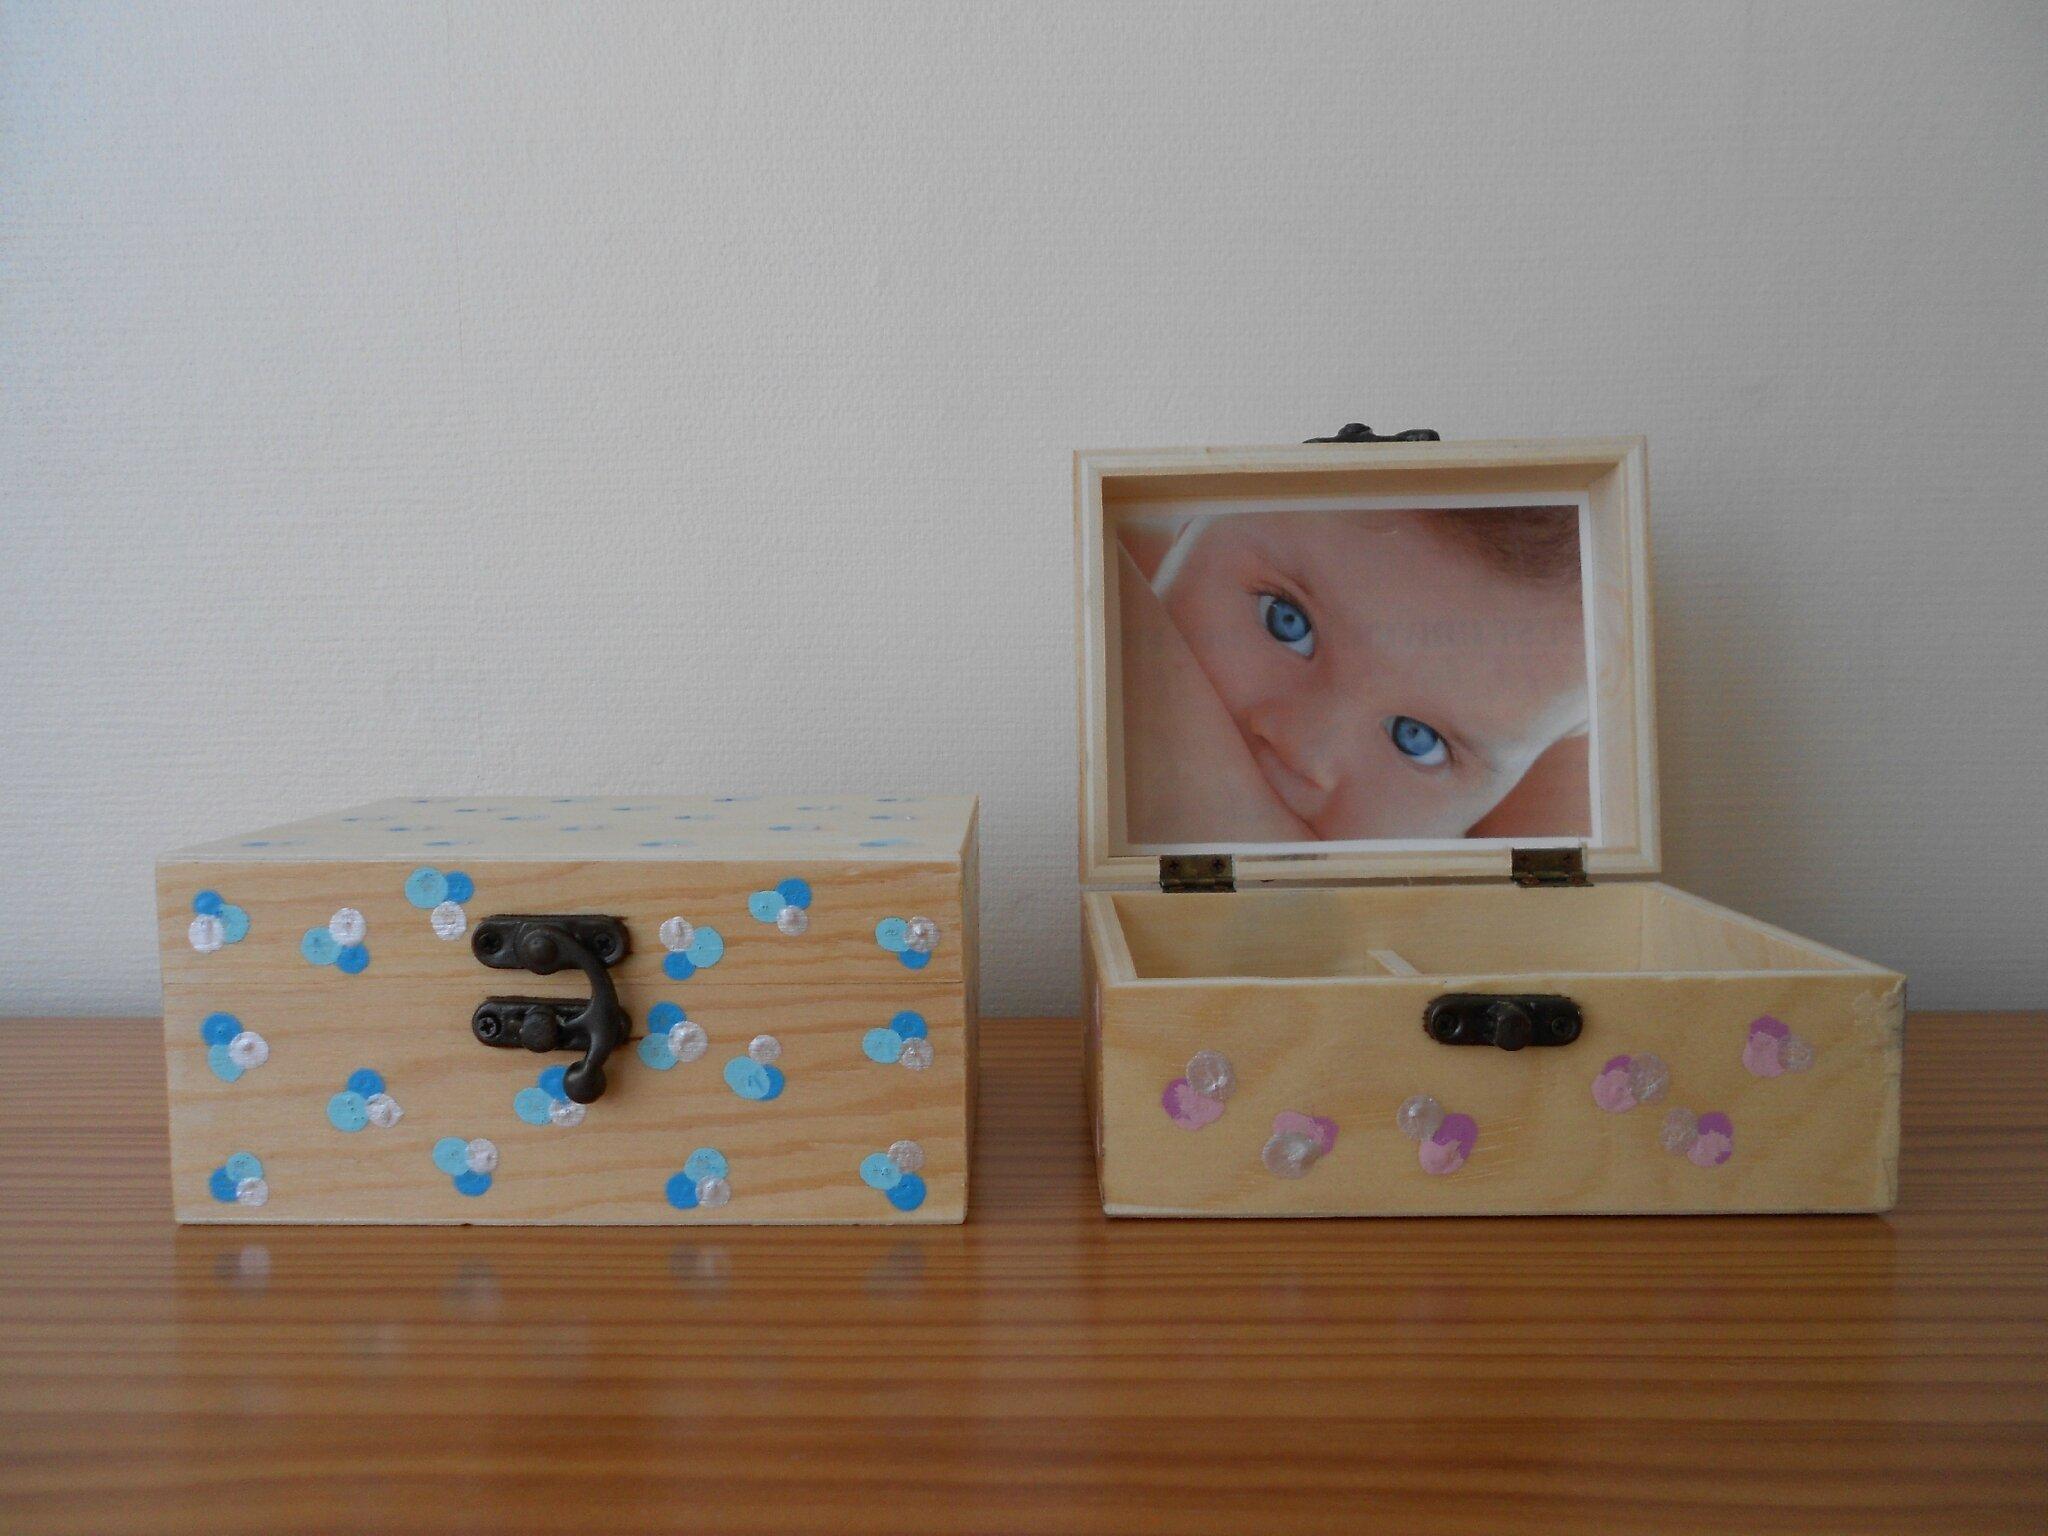 coffre bijoux photo de la f te des mamans le blog de thali activit s pour petites mains. Black Bedroom Furniture Sets. Home Design Ideas